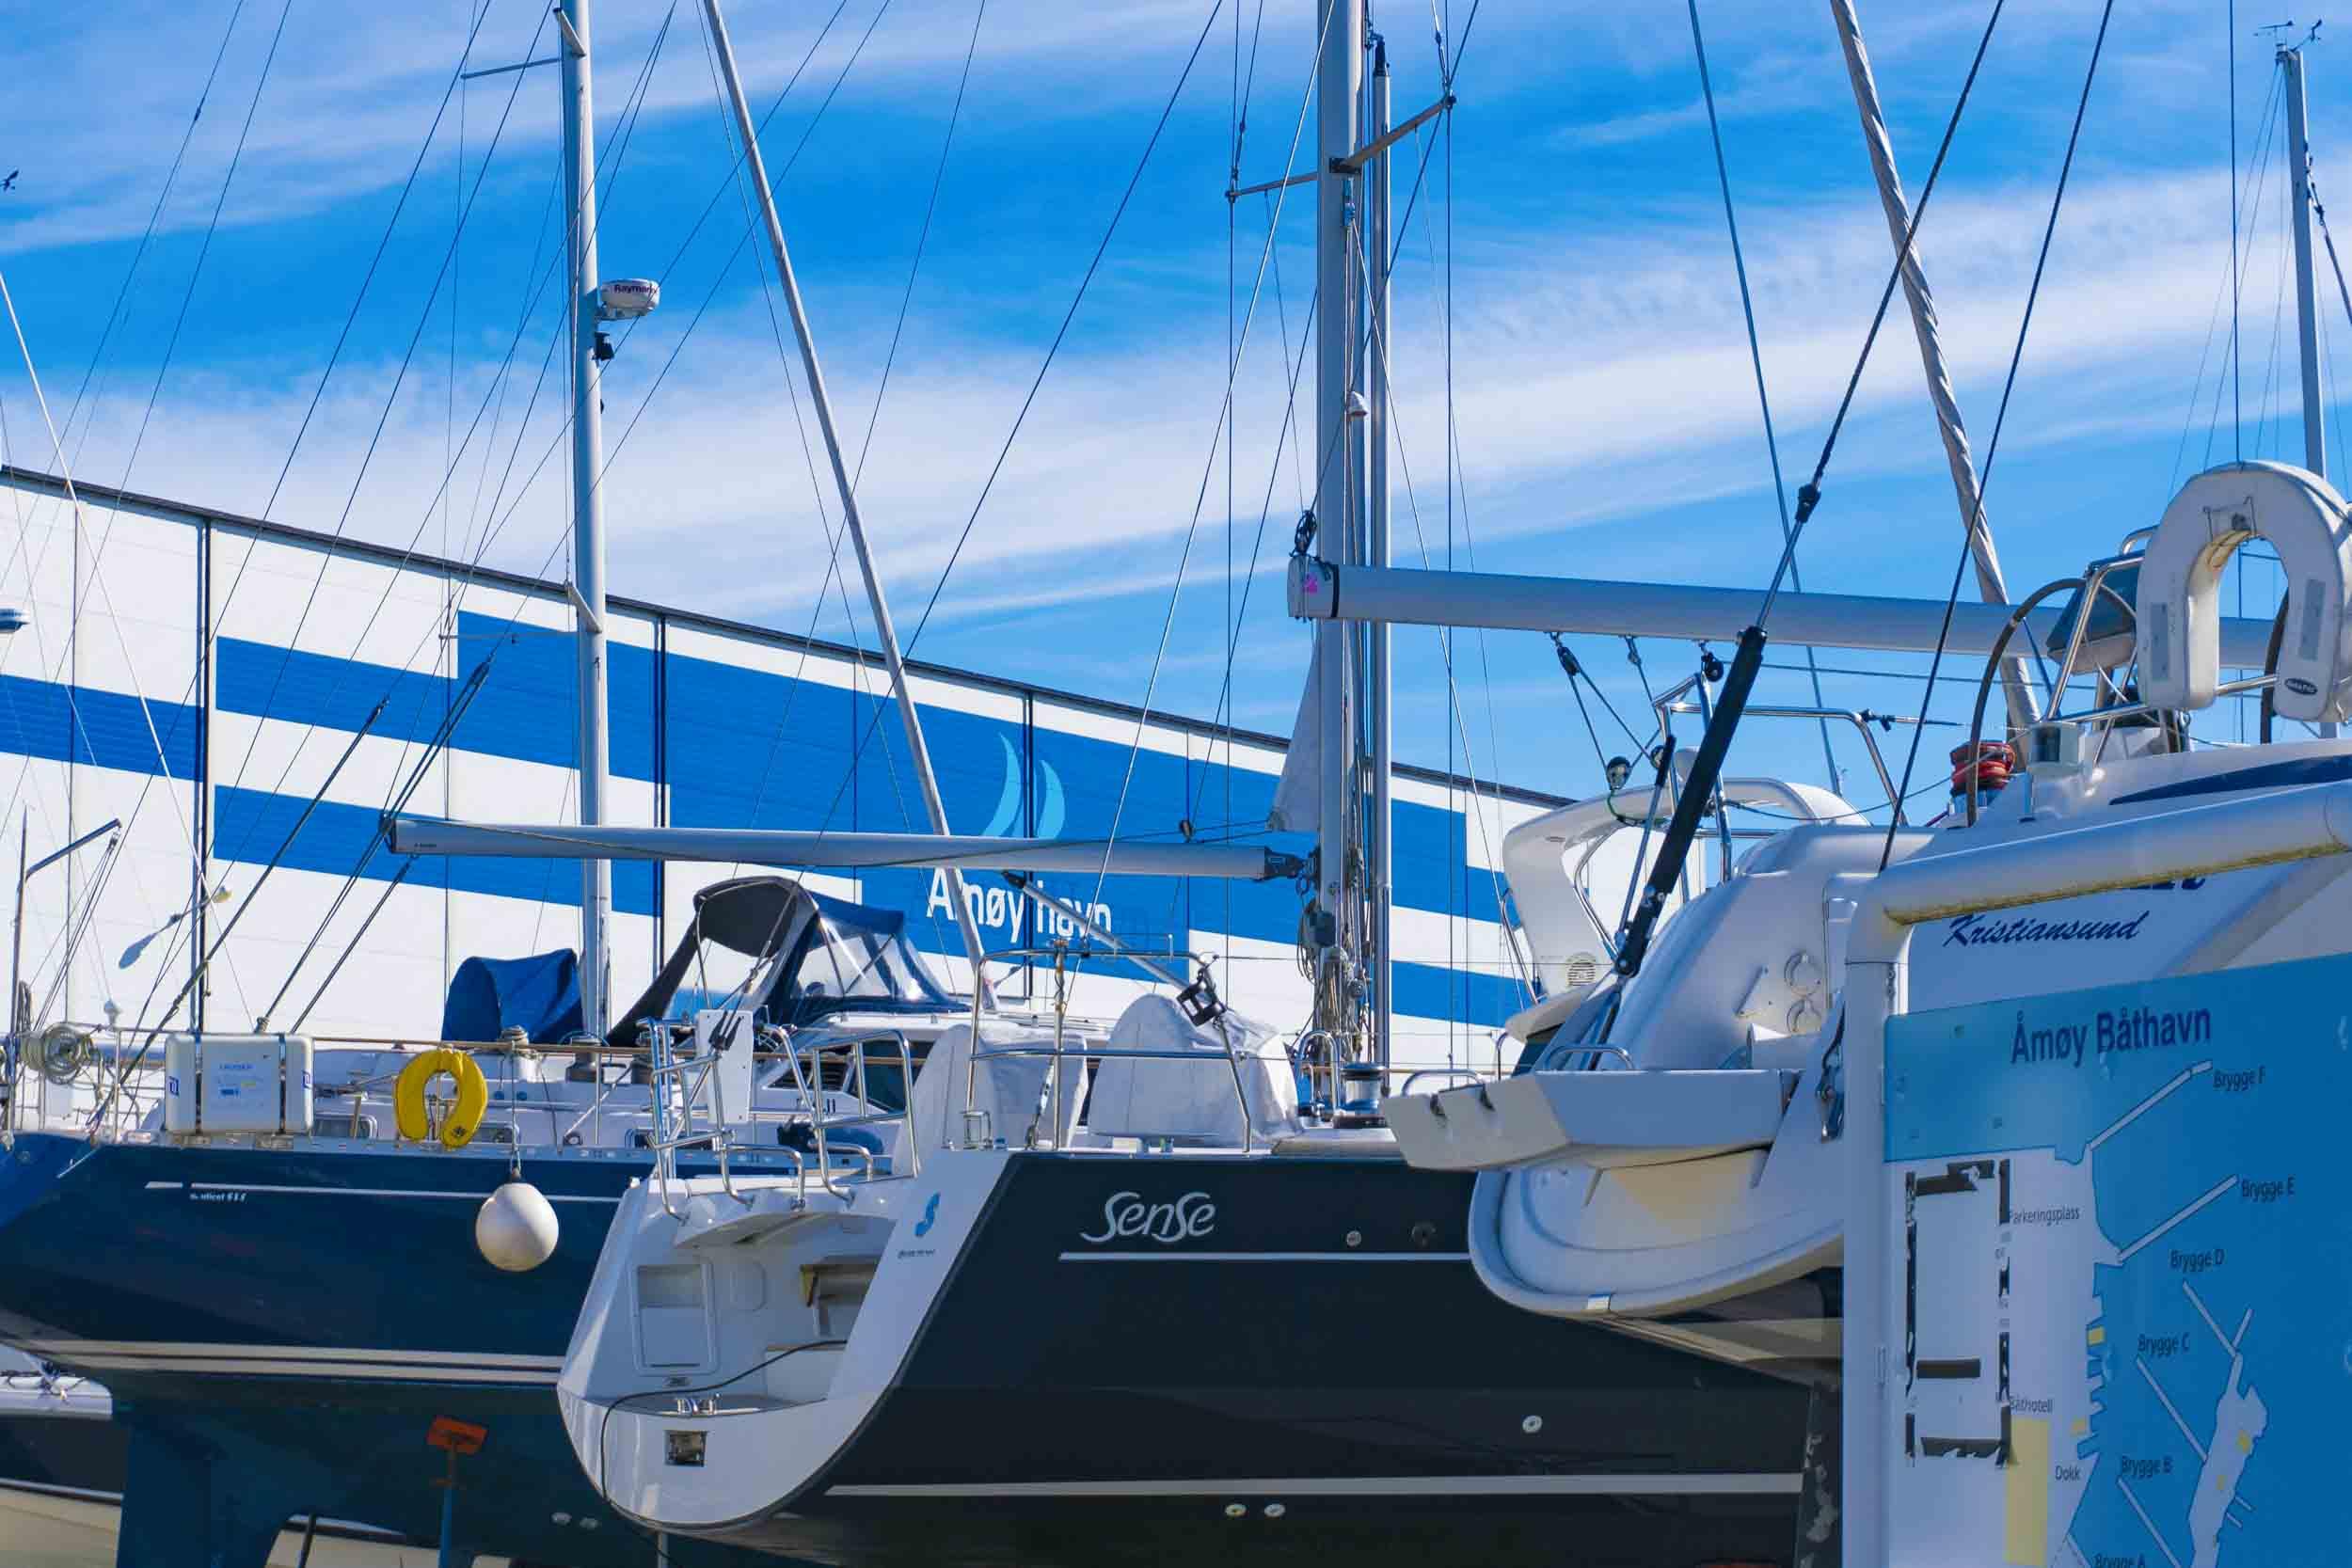 Åmøy havn 008_CSK0006Åmøy havn .jpg